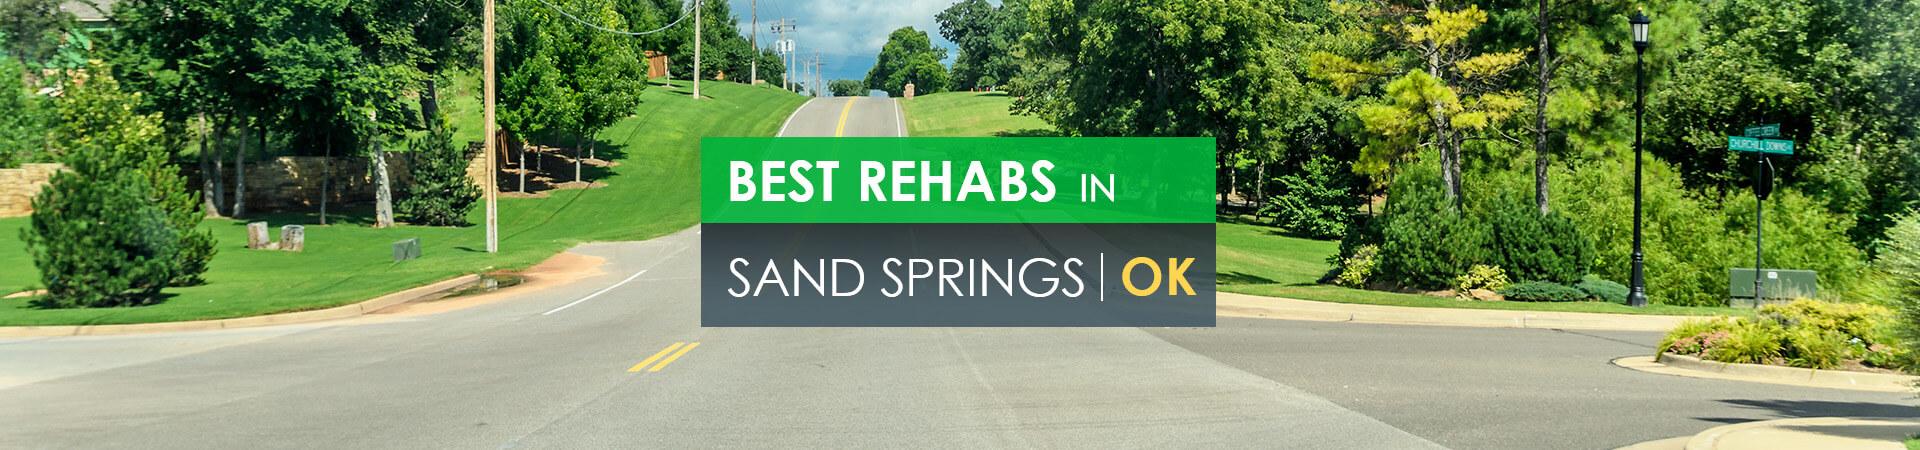 Best rehabs in Sand Springs, OK